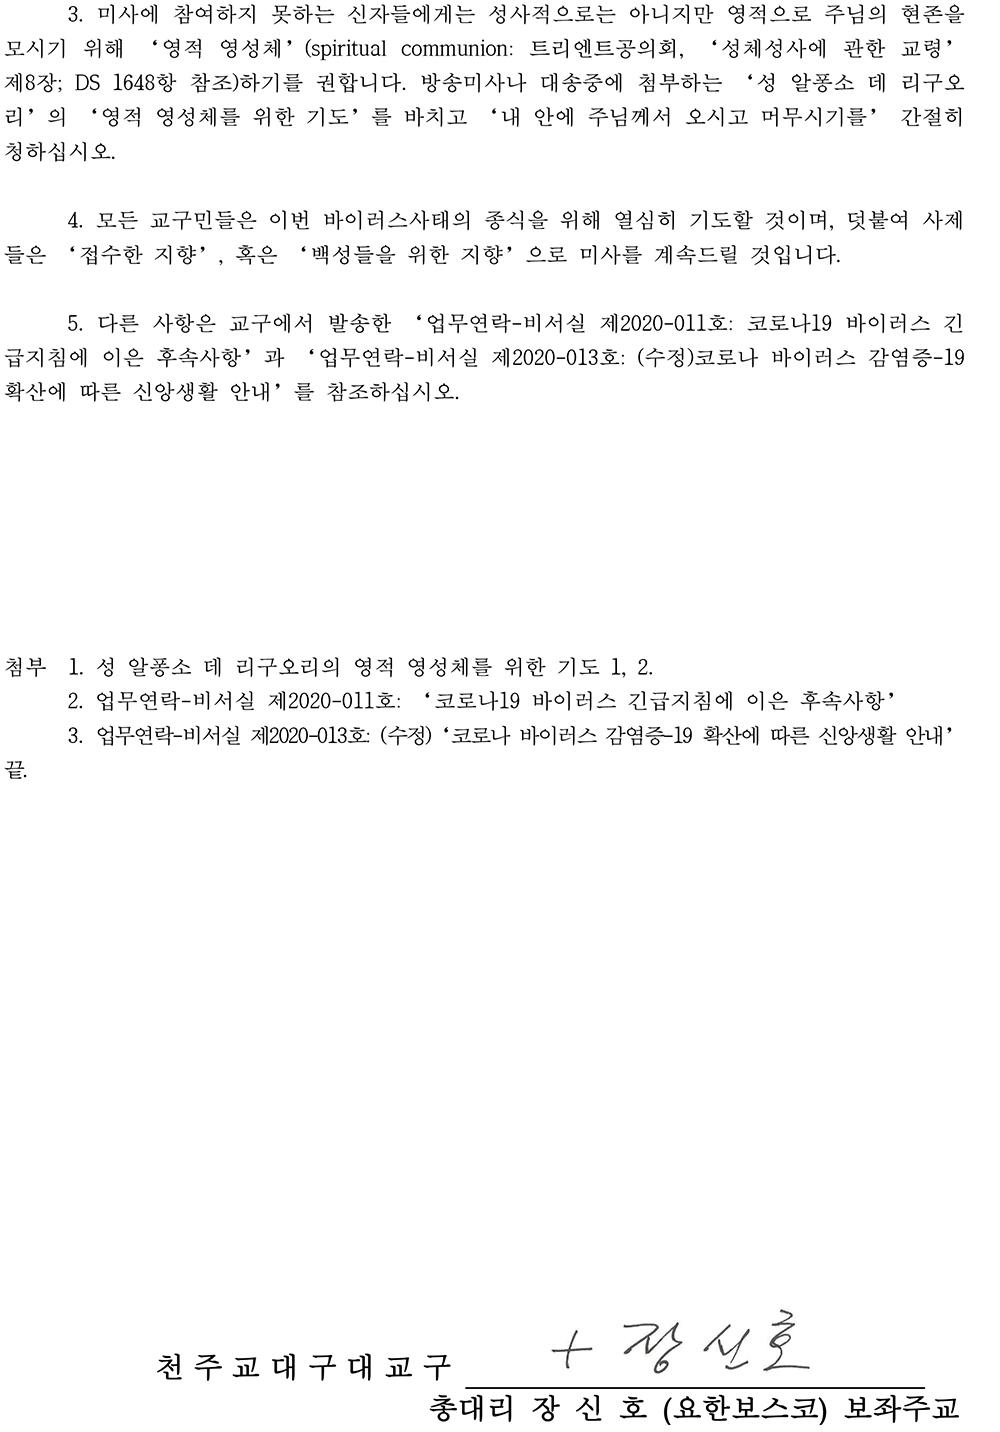 교구공문2020-044-2.jpg